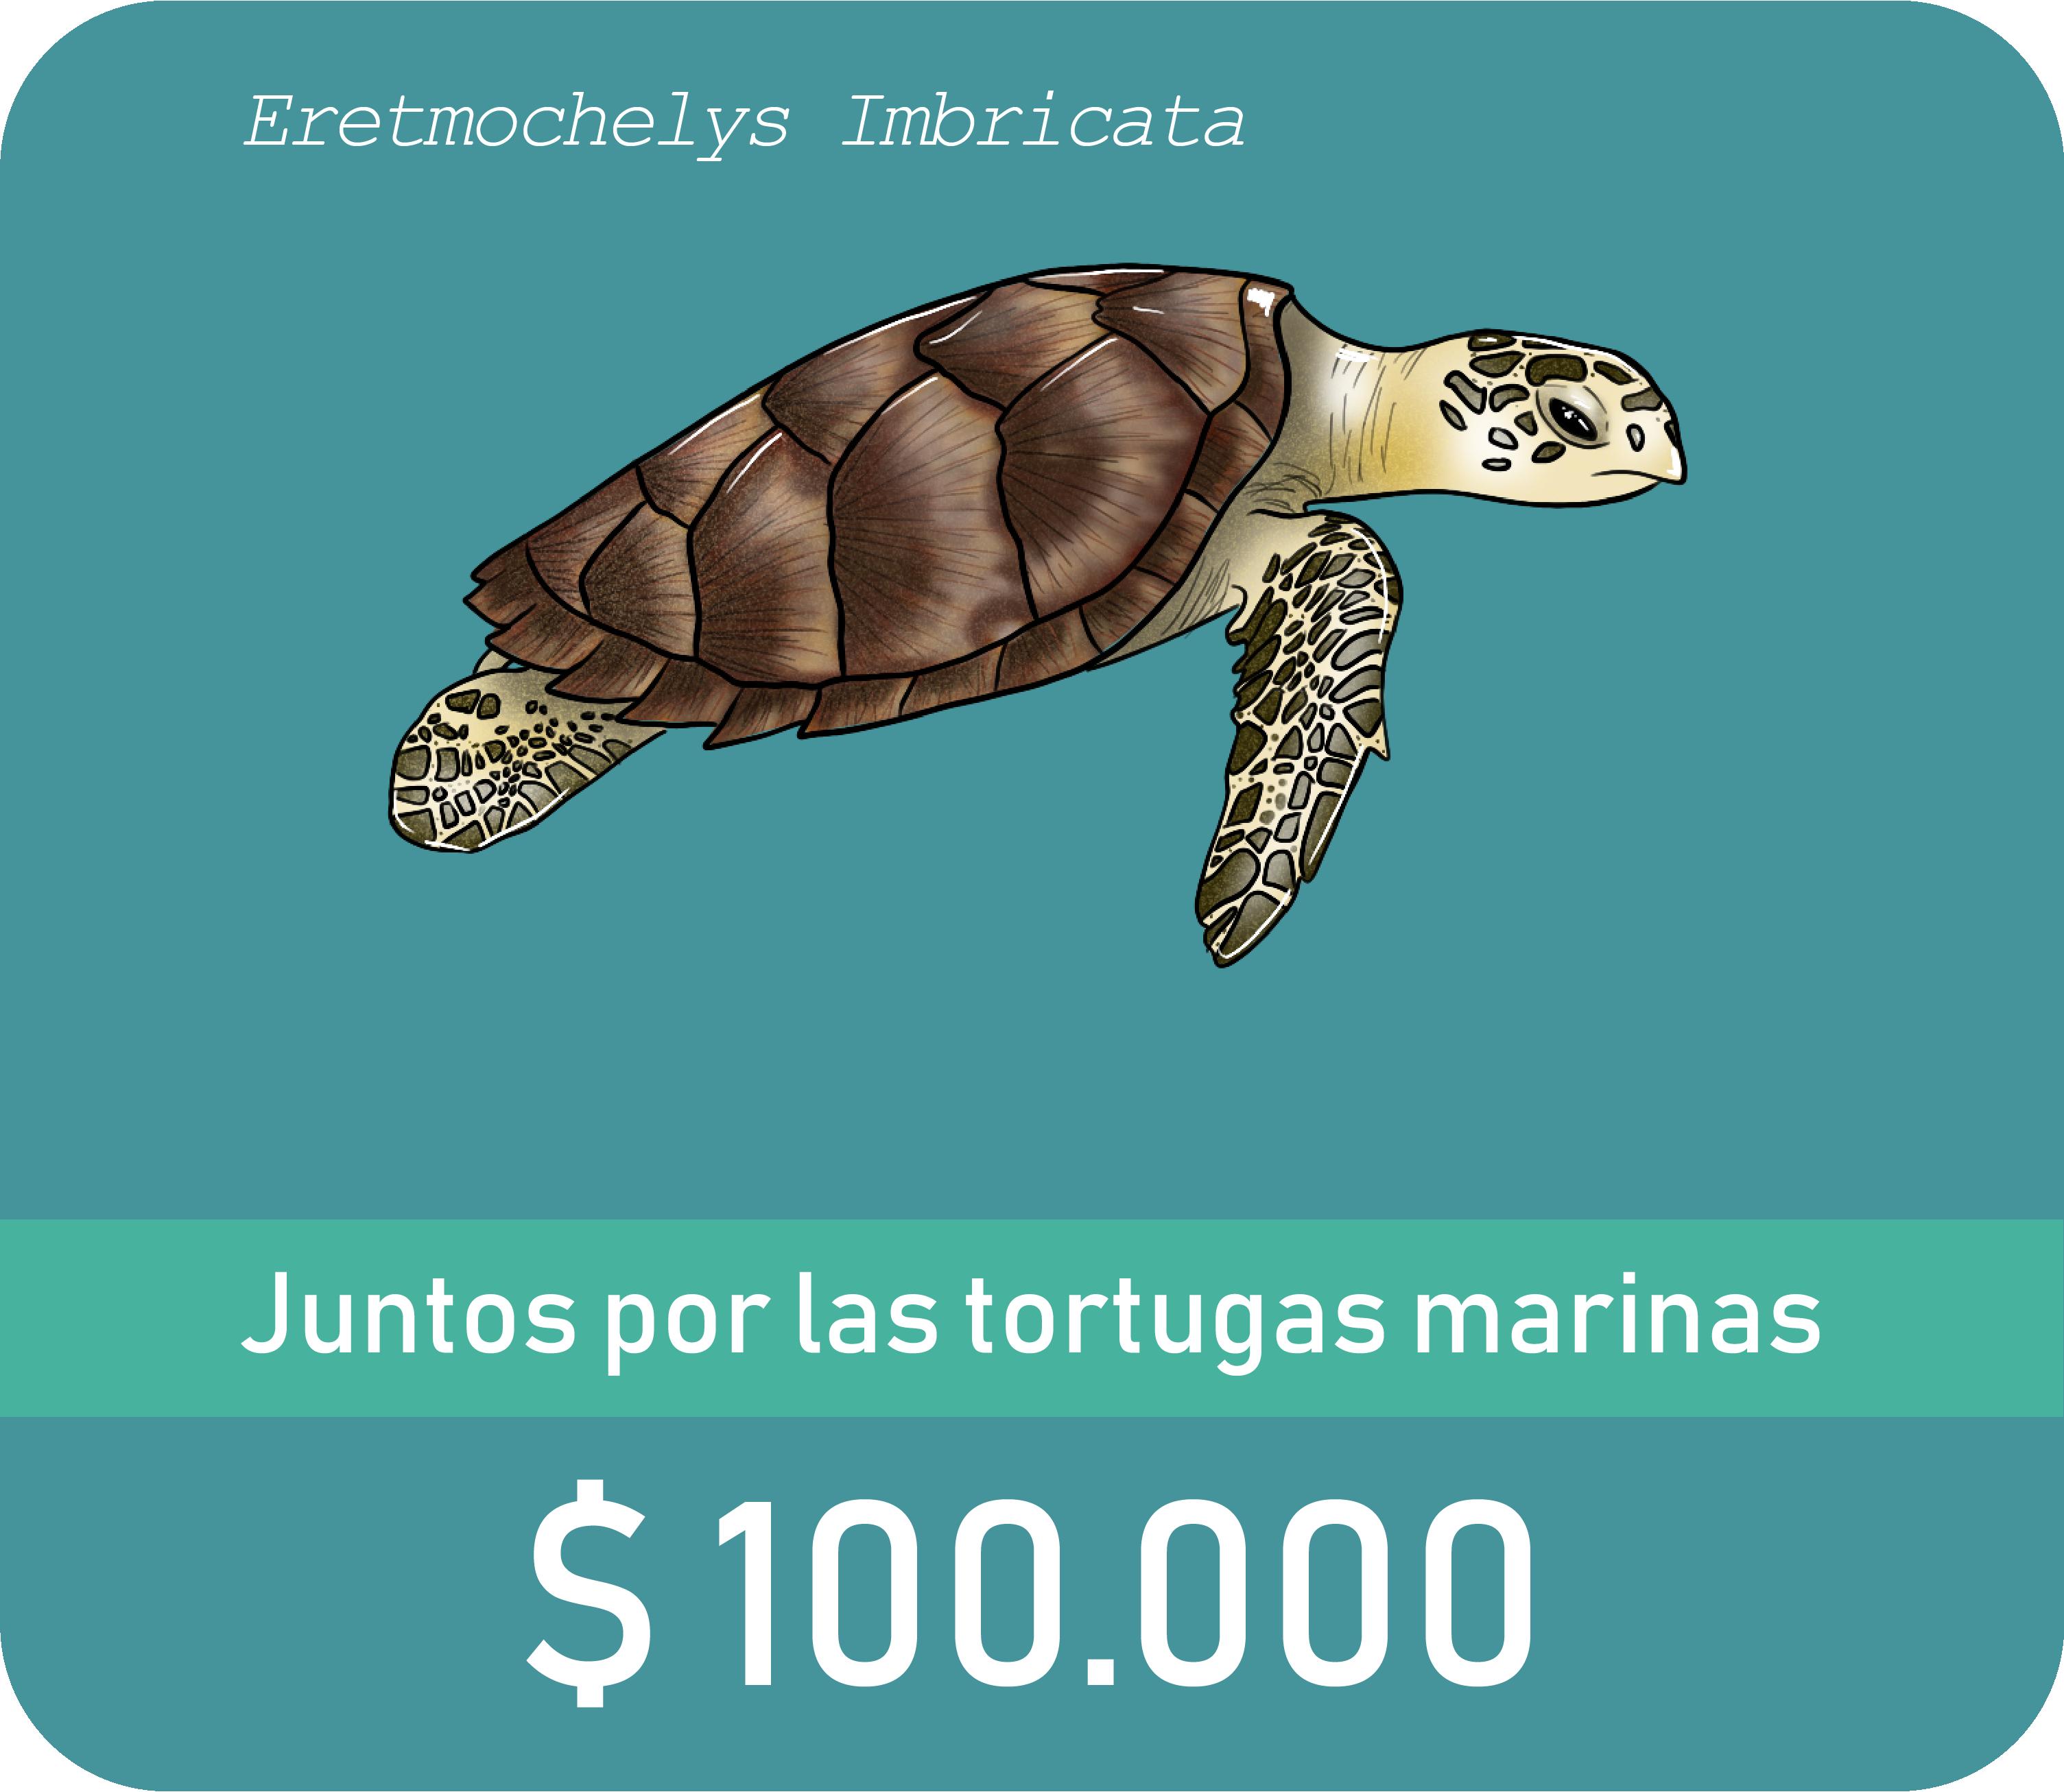 Botòn de donaciòn de $100.000 con ilustraciòn de una tortuga carey